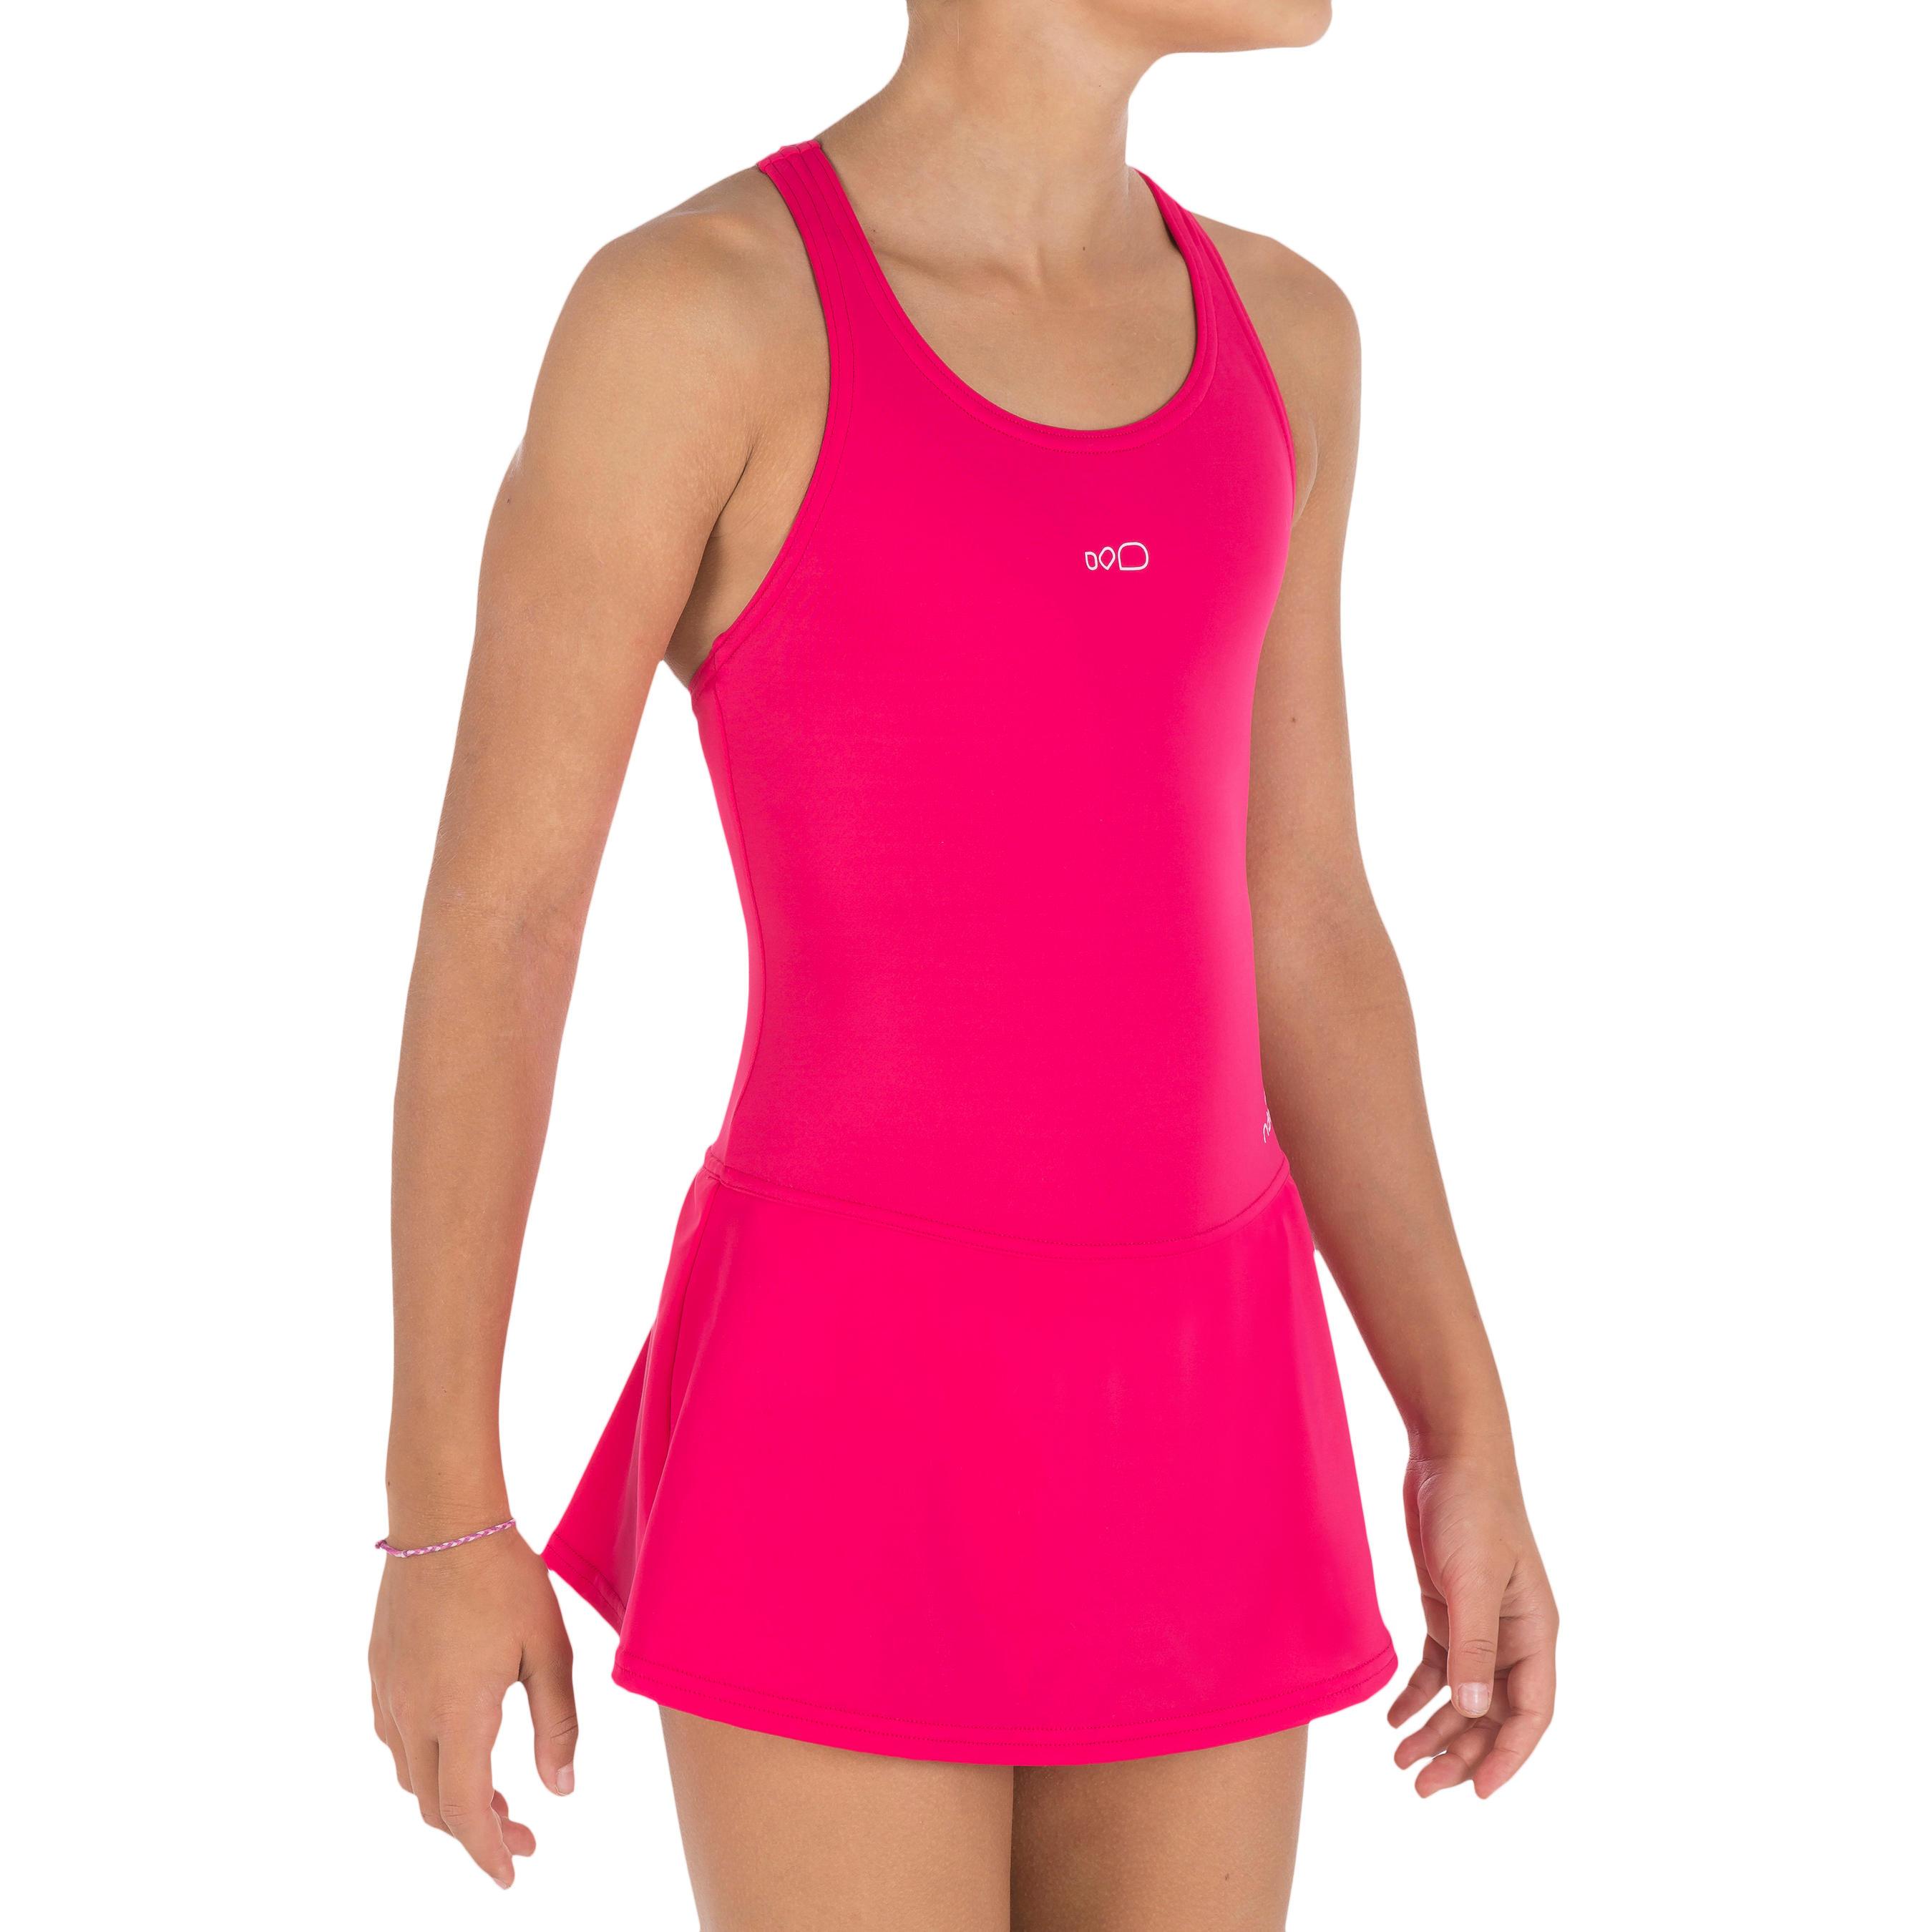 Maillot de bain de natation fille une pièce Leony skirt rose